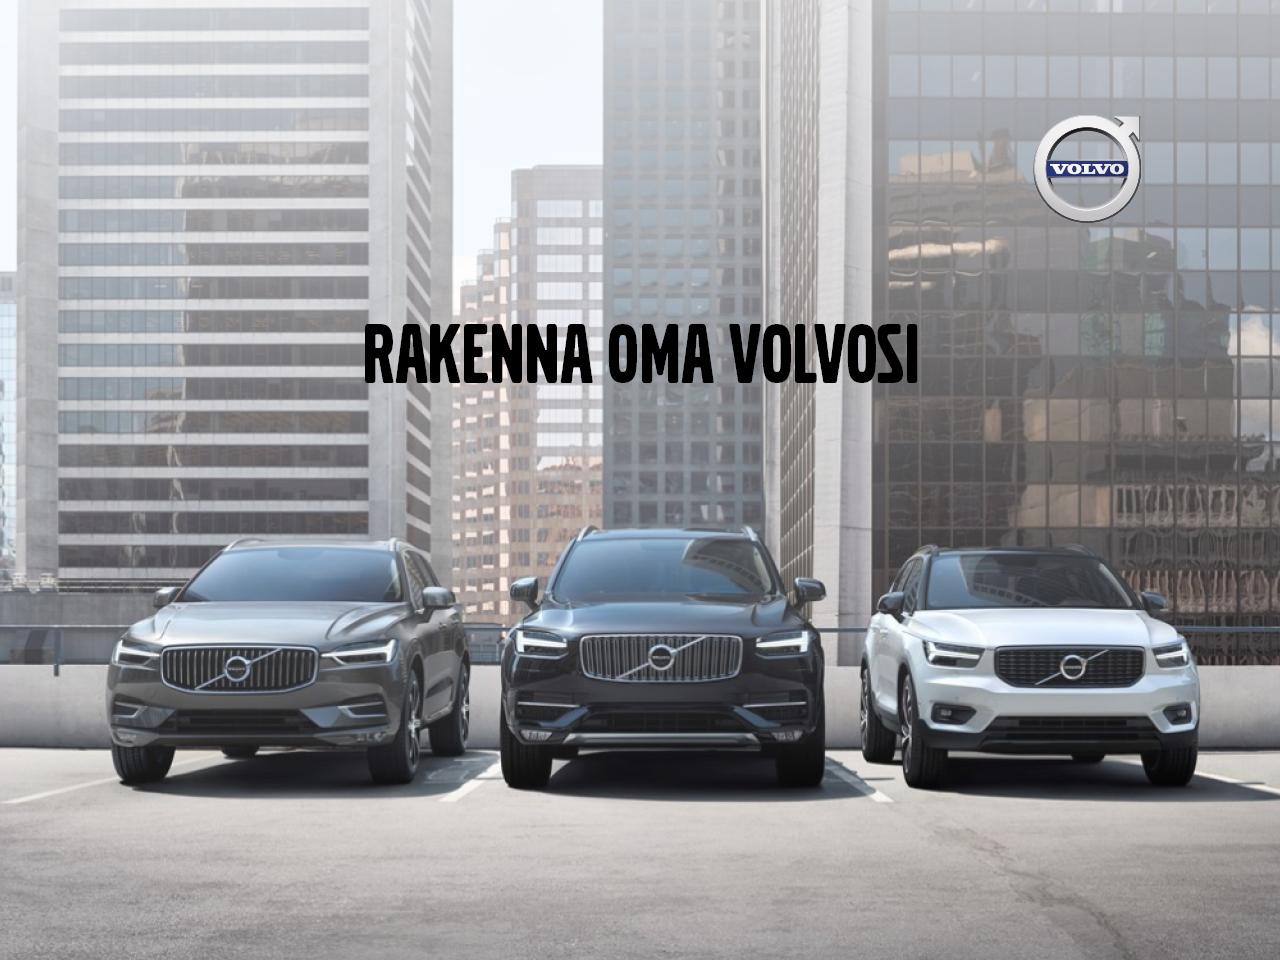 Rakenna oma Volvosi